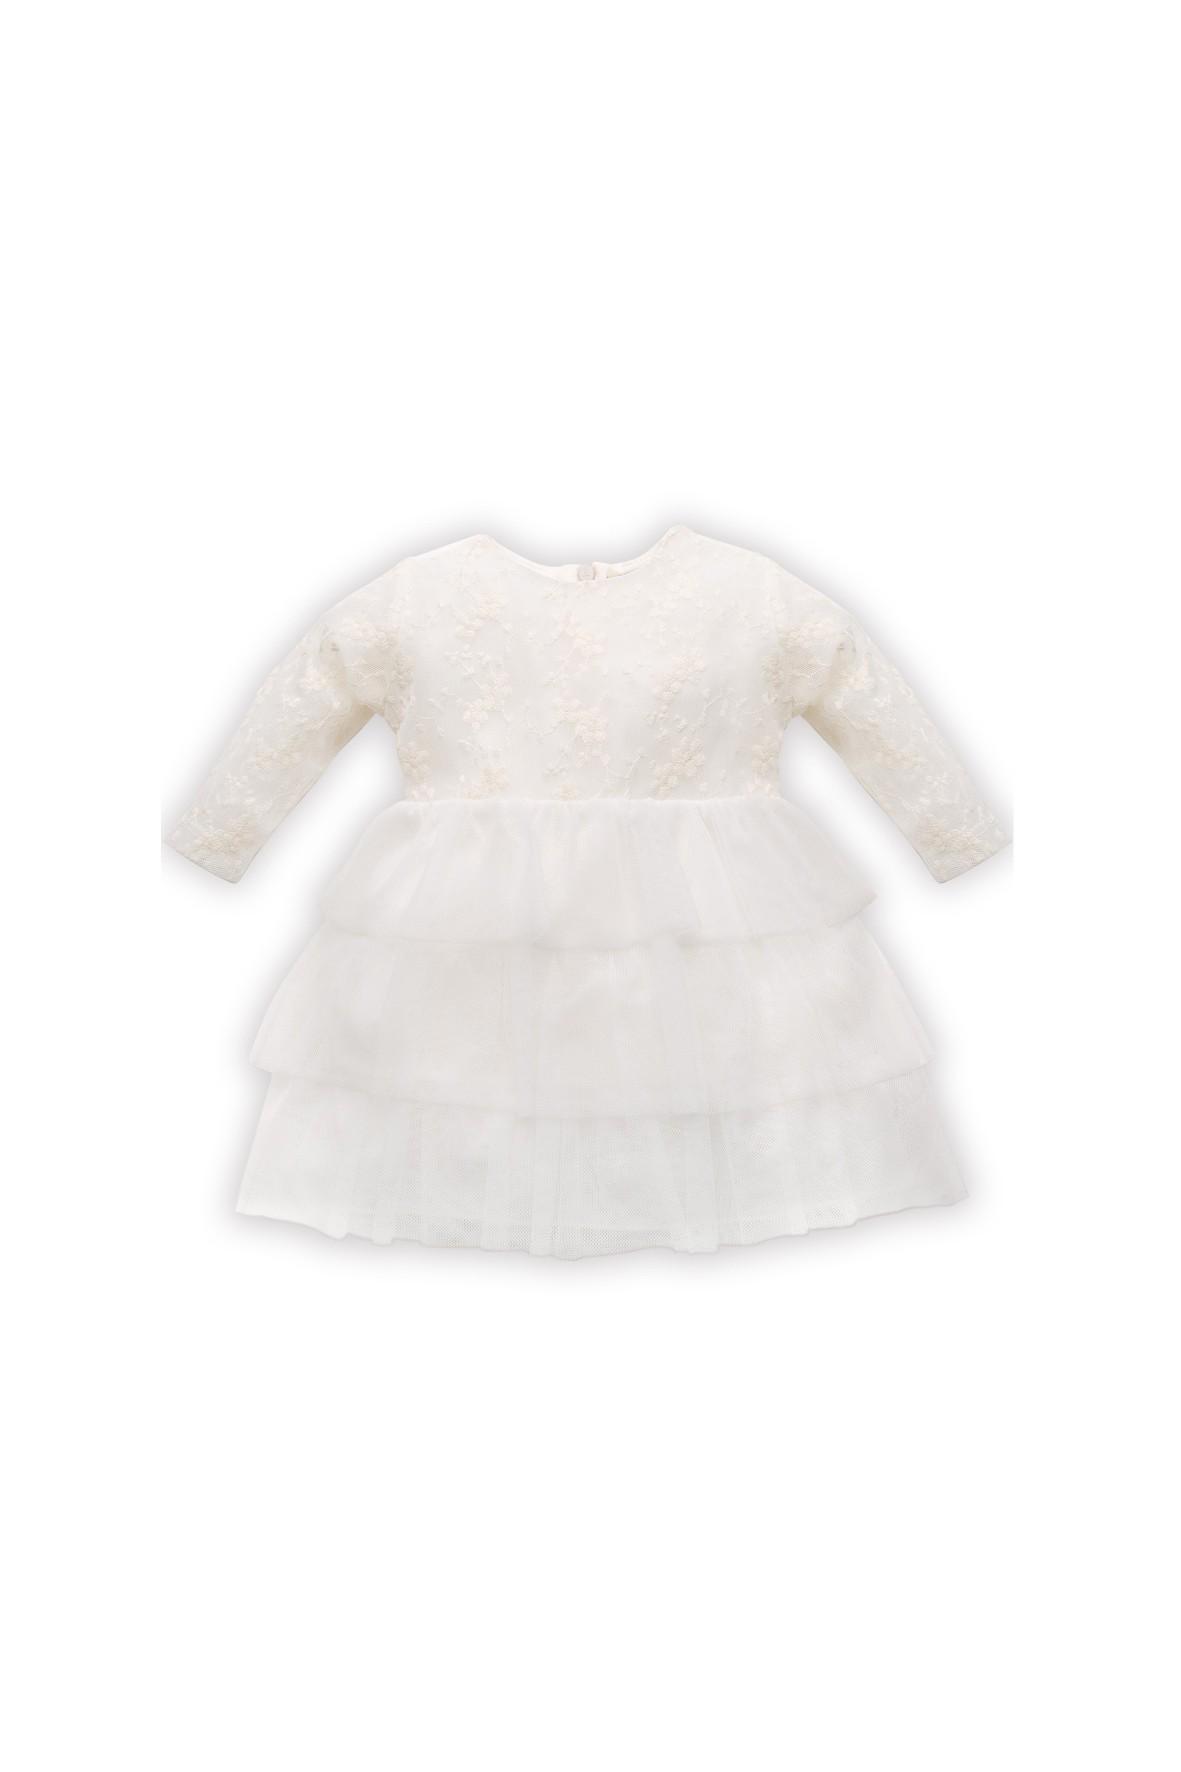 Koronkowa sukienka dla niemowlaka Princess ecru